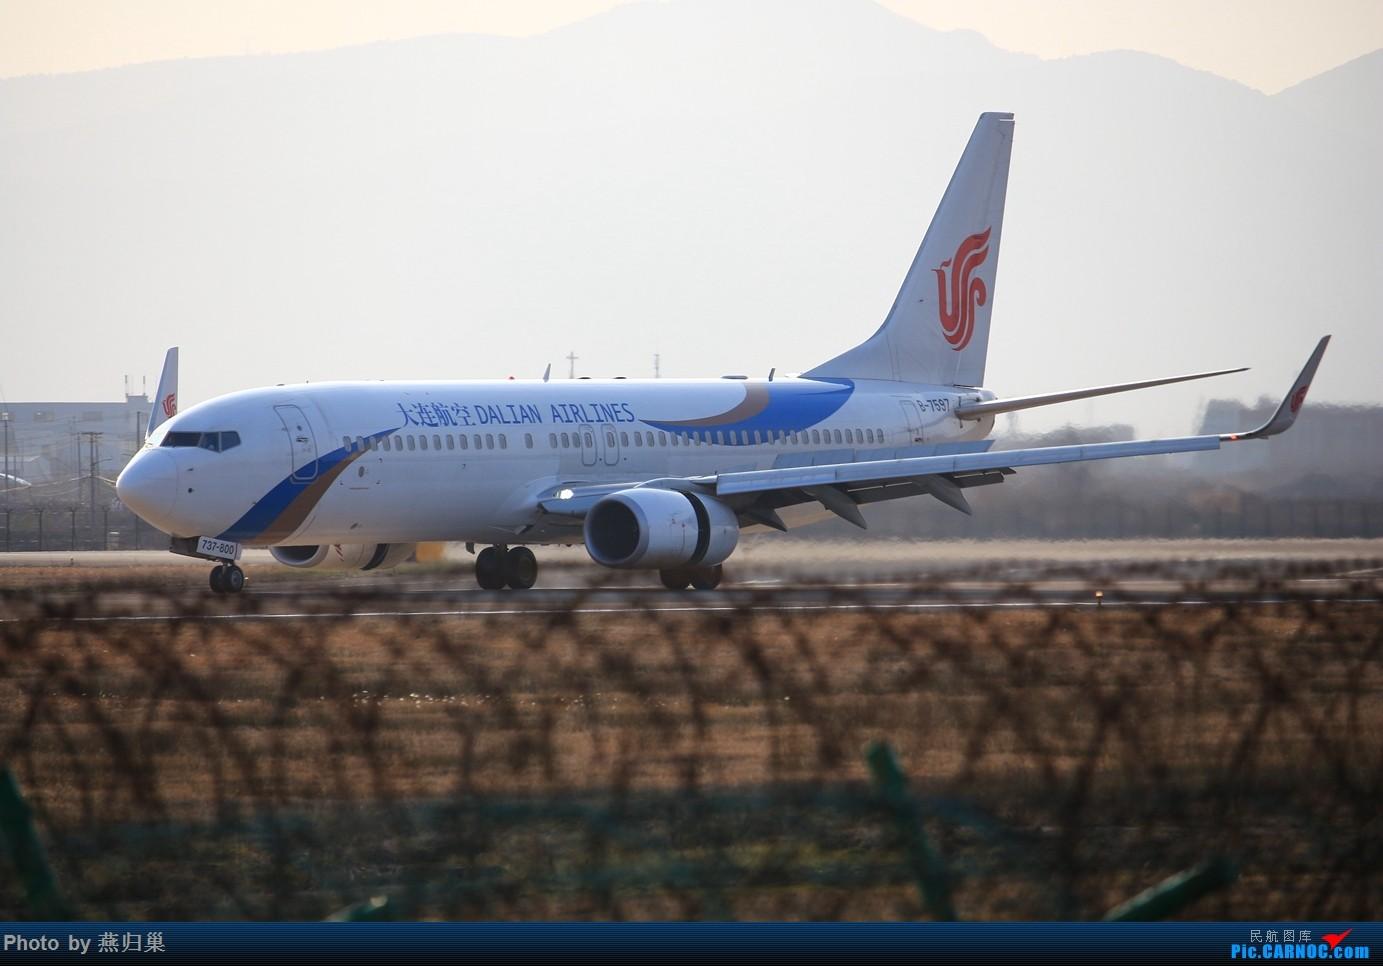 Re:[原创]【宁波飞友会】年前NGB拍机合集 BOEING 737-800 B-7597 中国宁波栎社国际机场